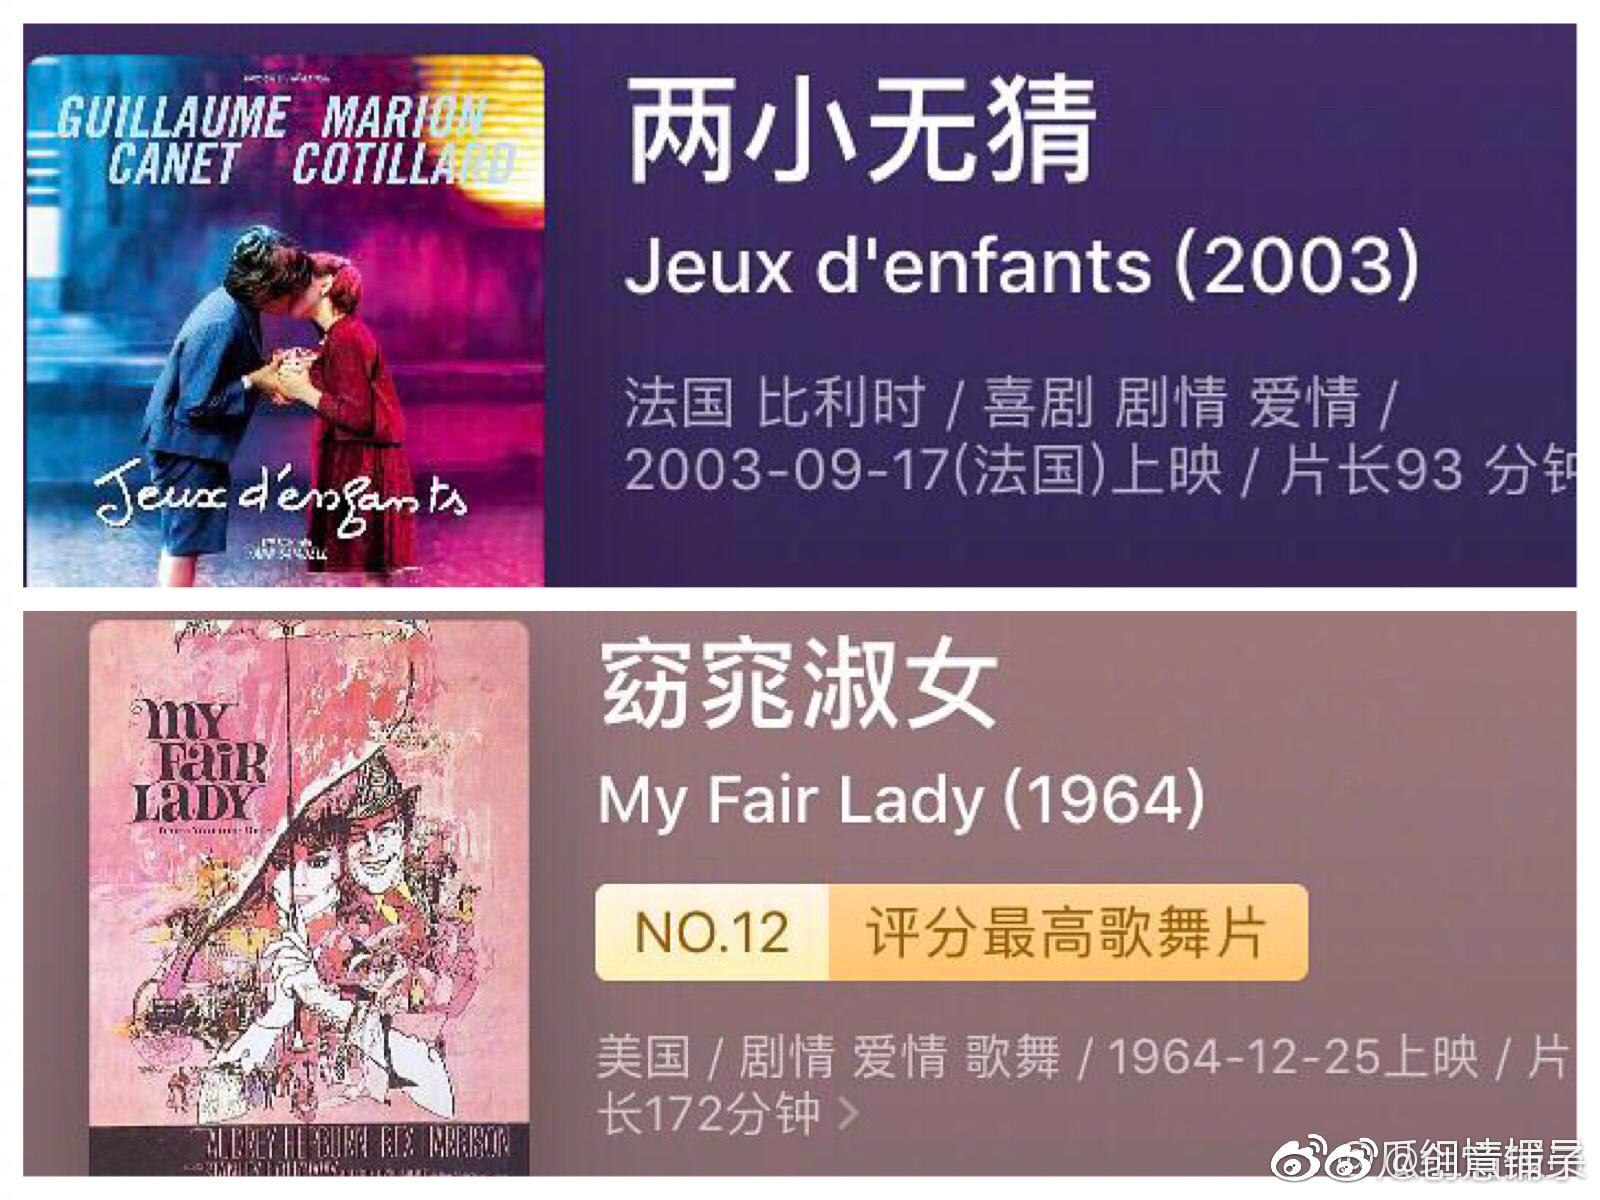 影视资讯感受到中文翻译浪漫的瞬间